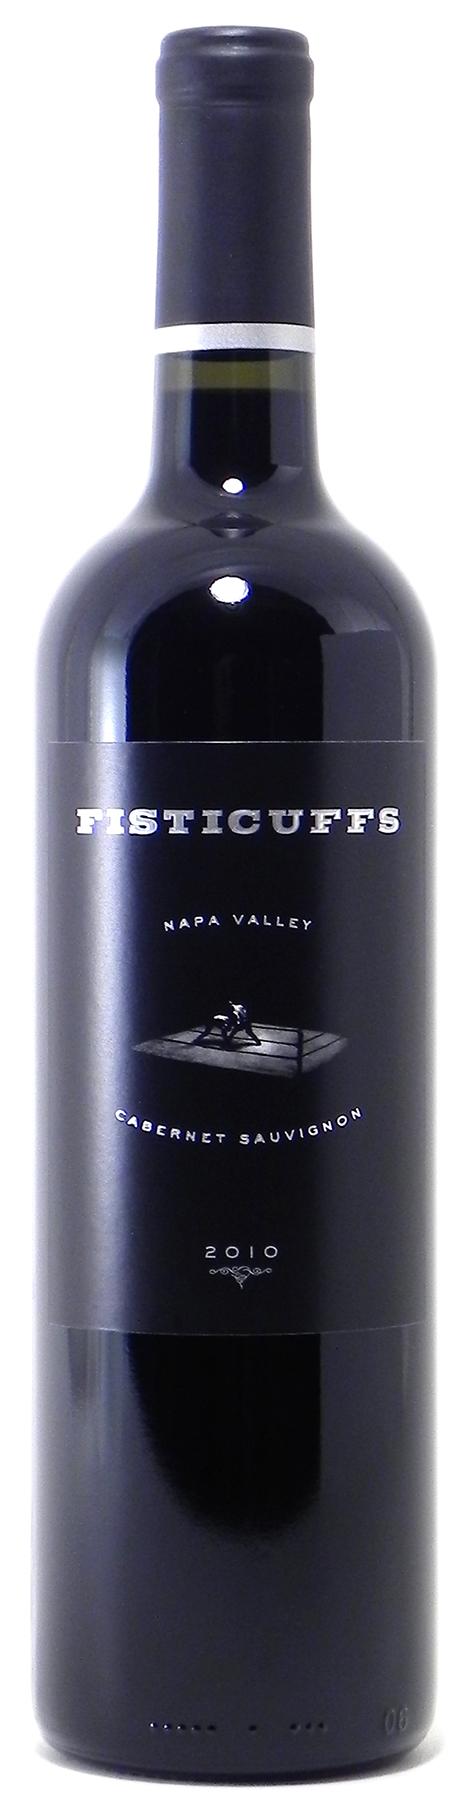 2010 Fisticuffs Cabernet Sauvignon